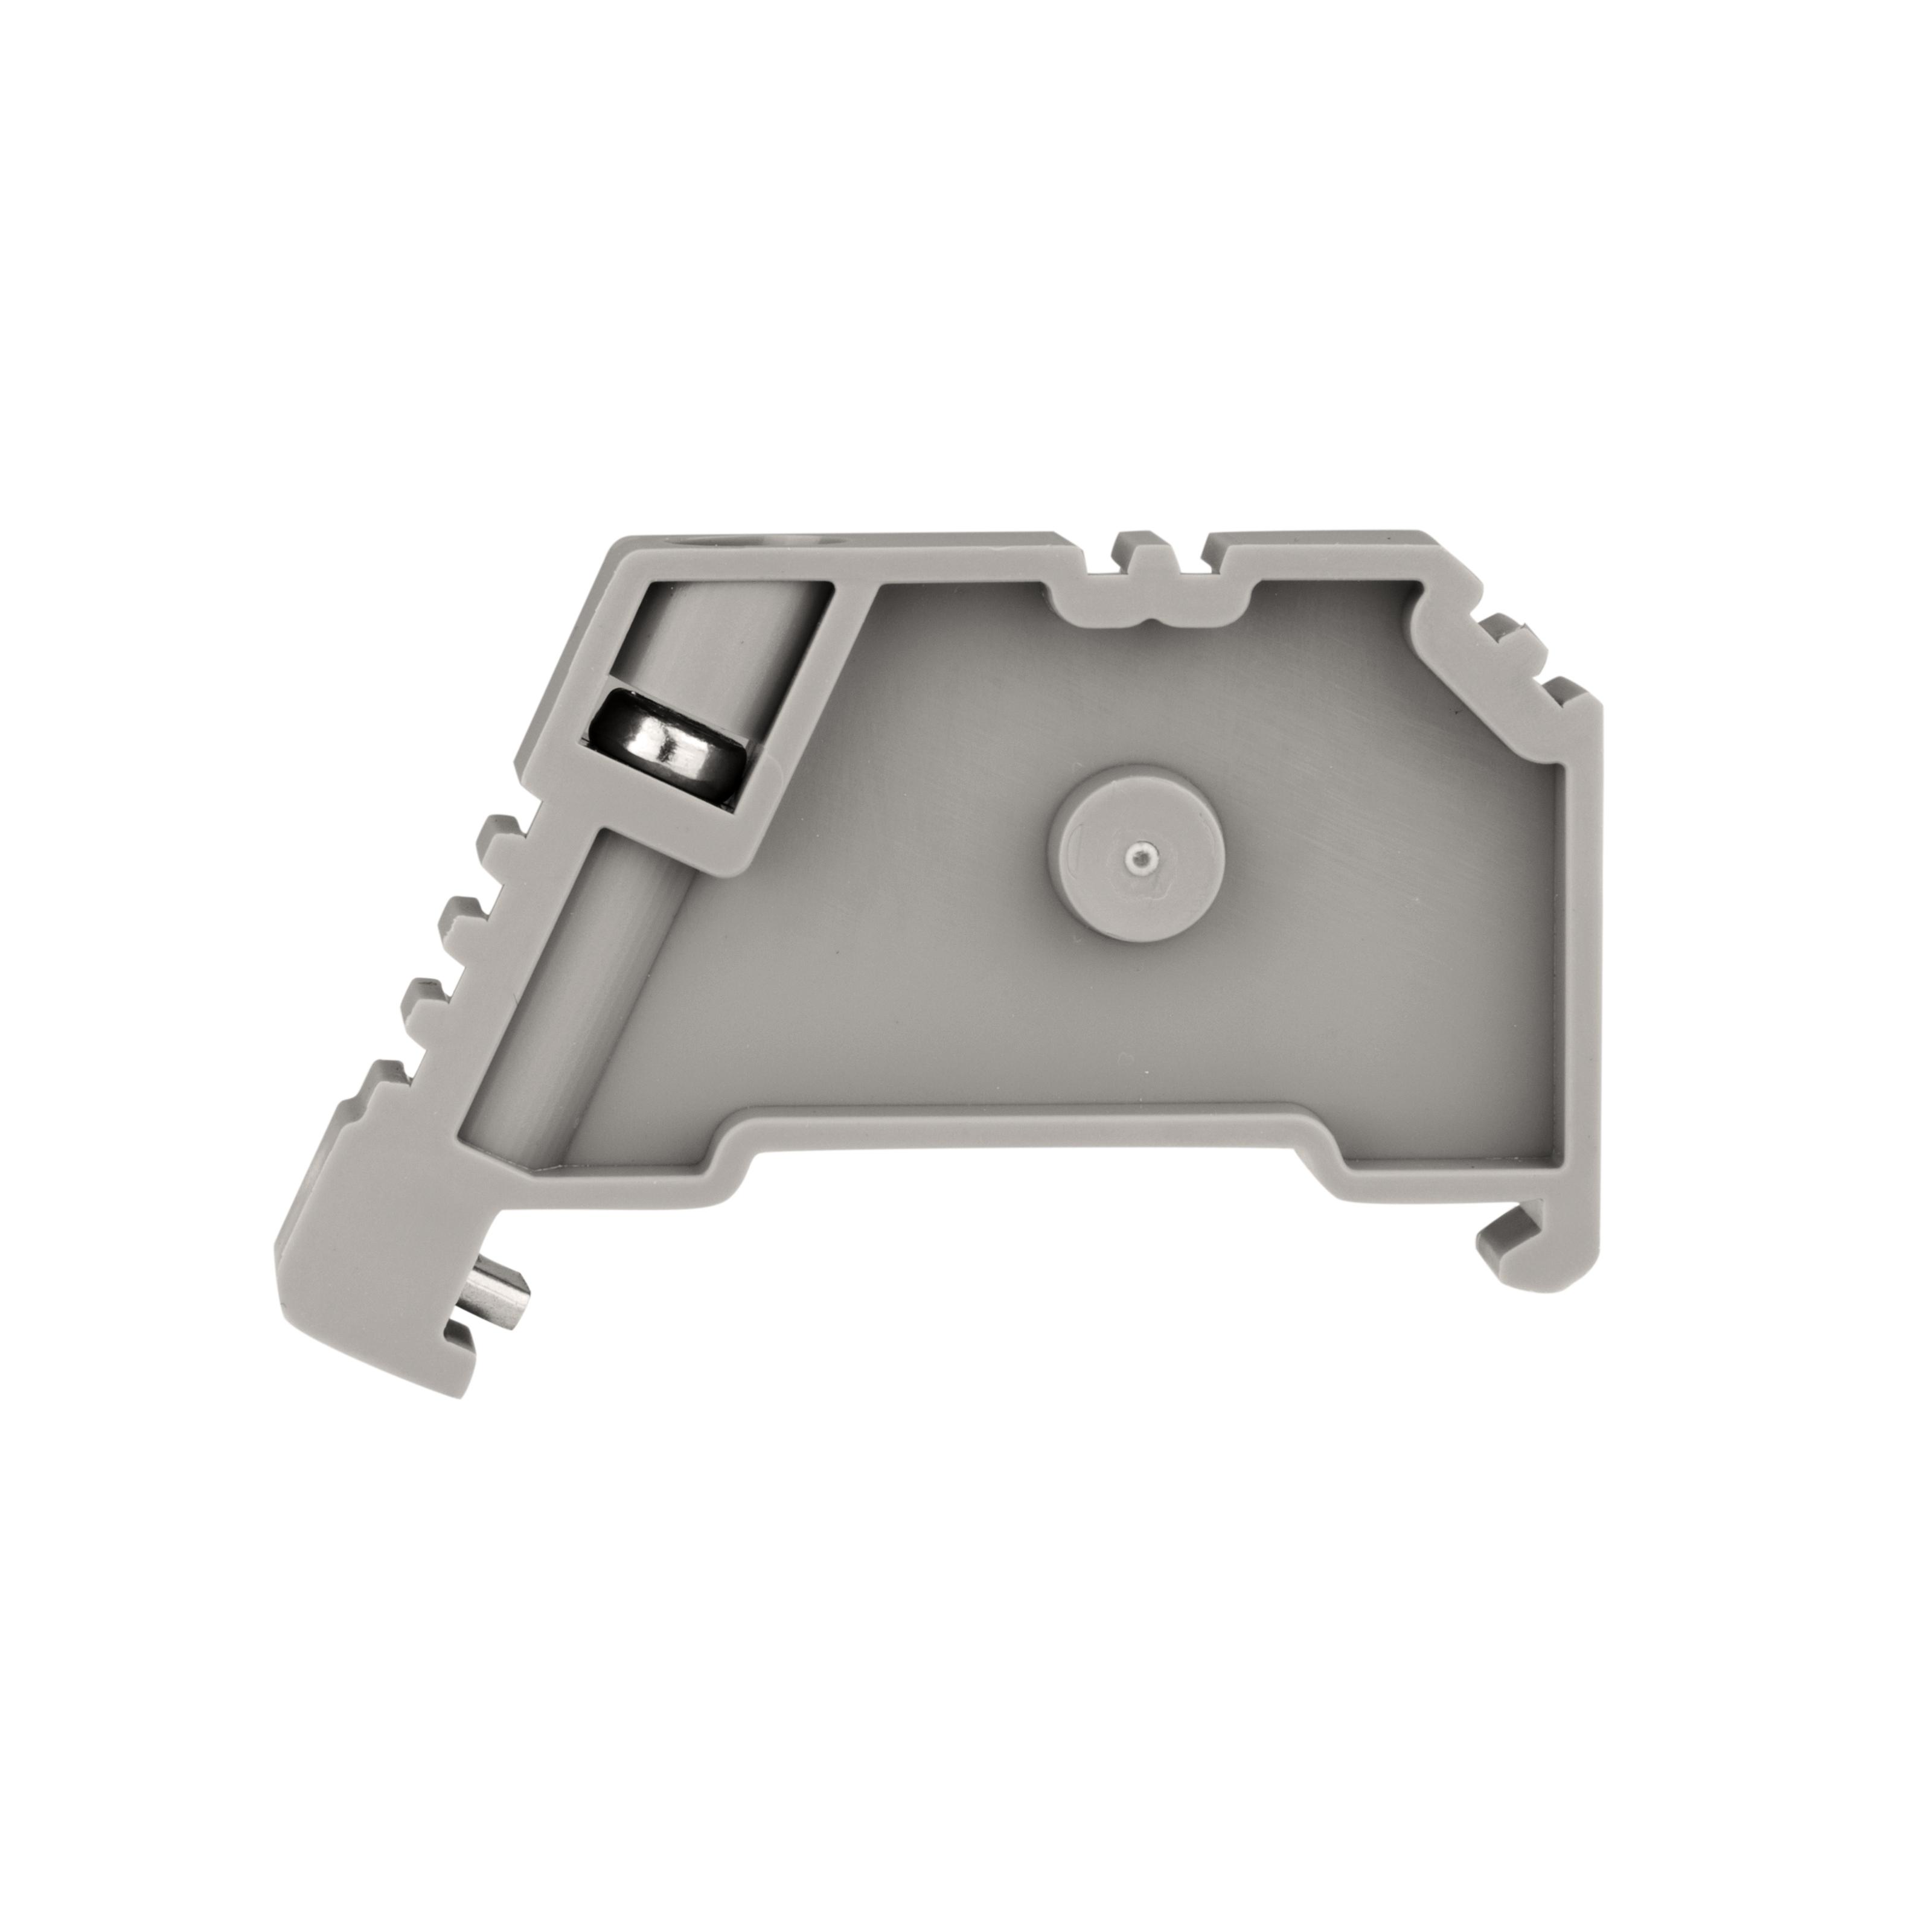 1 Stk Endhalter für IK6-Klemmen, Type KD 3, schnapp- u. schraubbar IK623001--